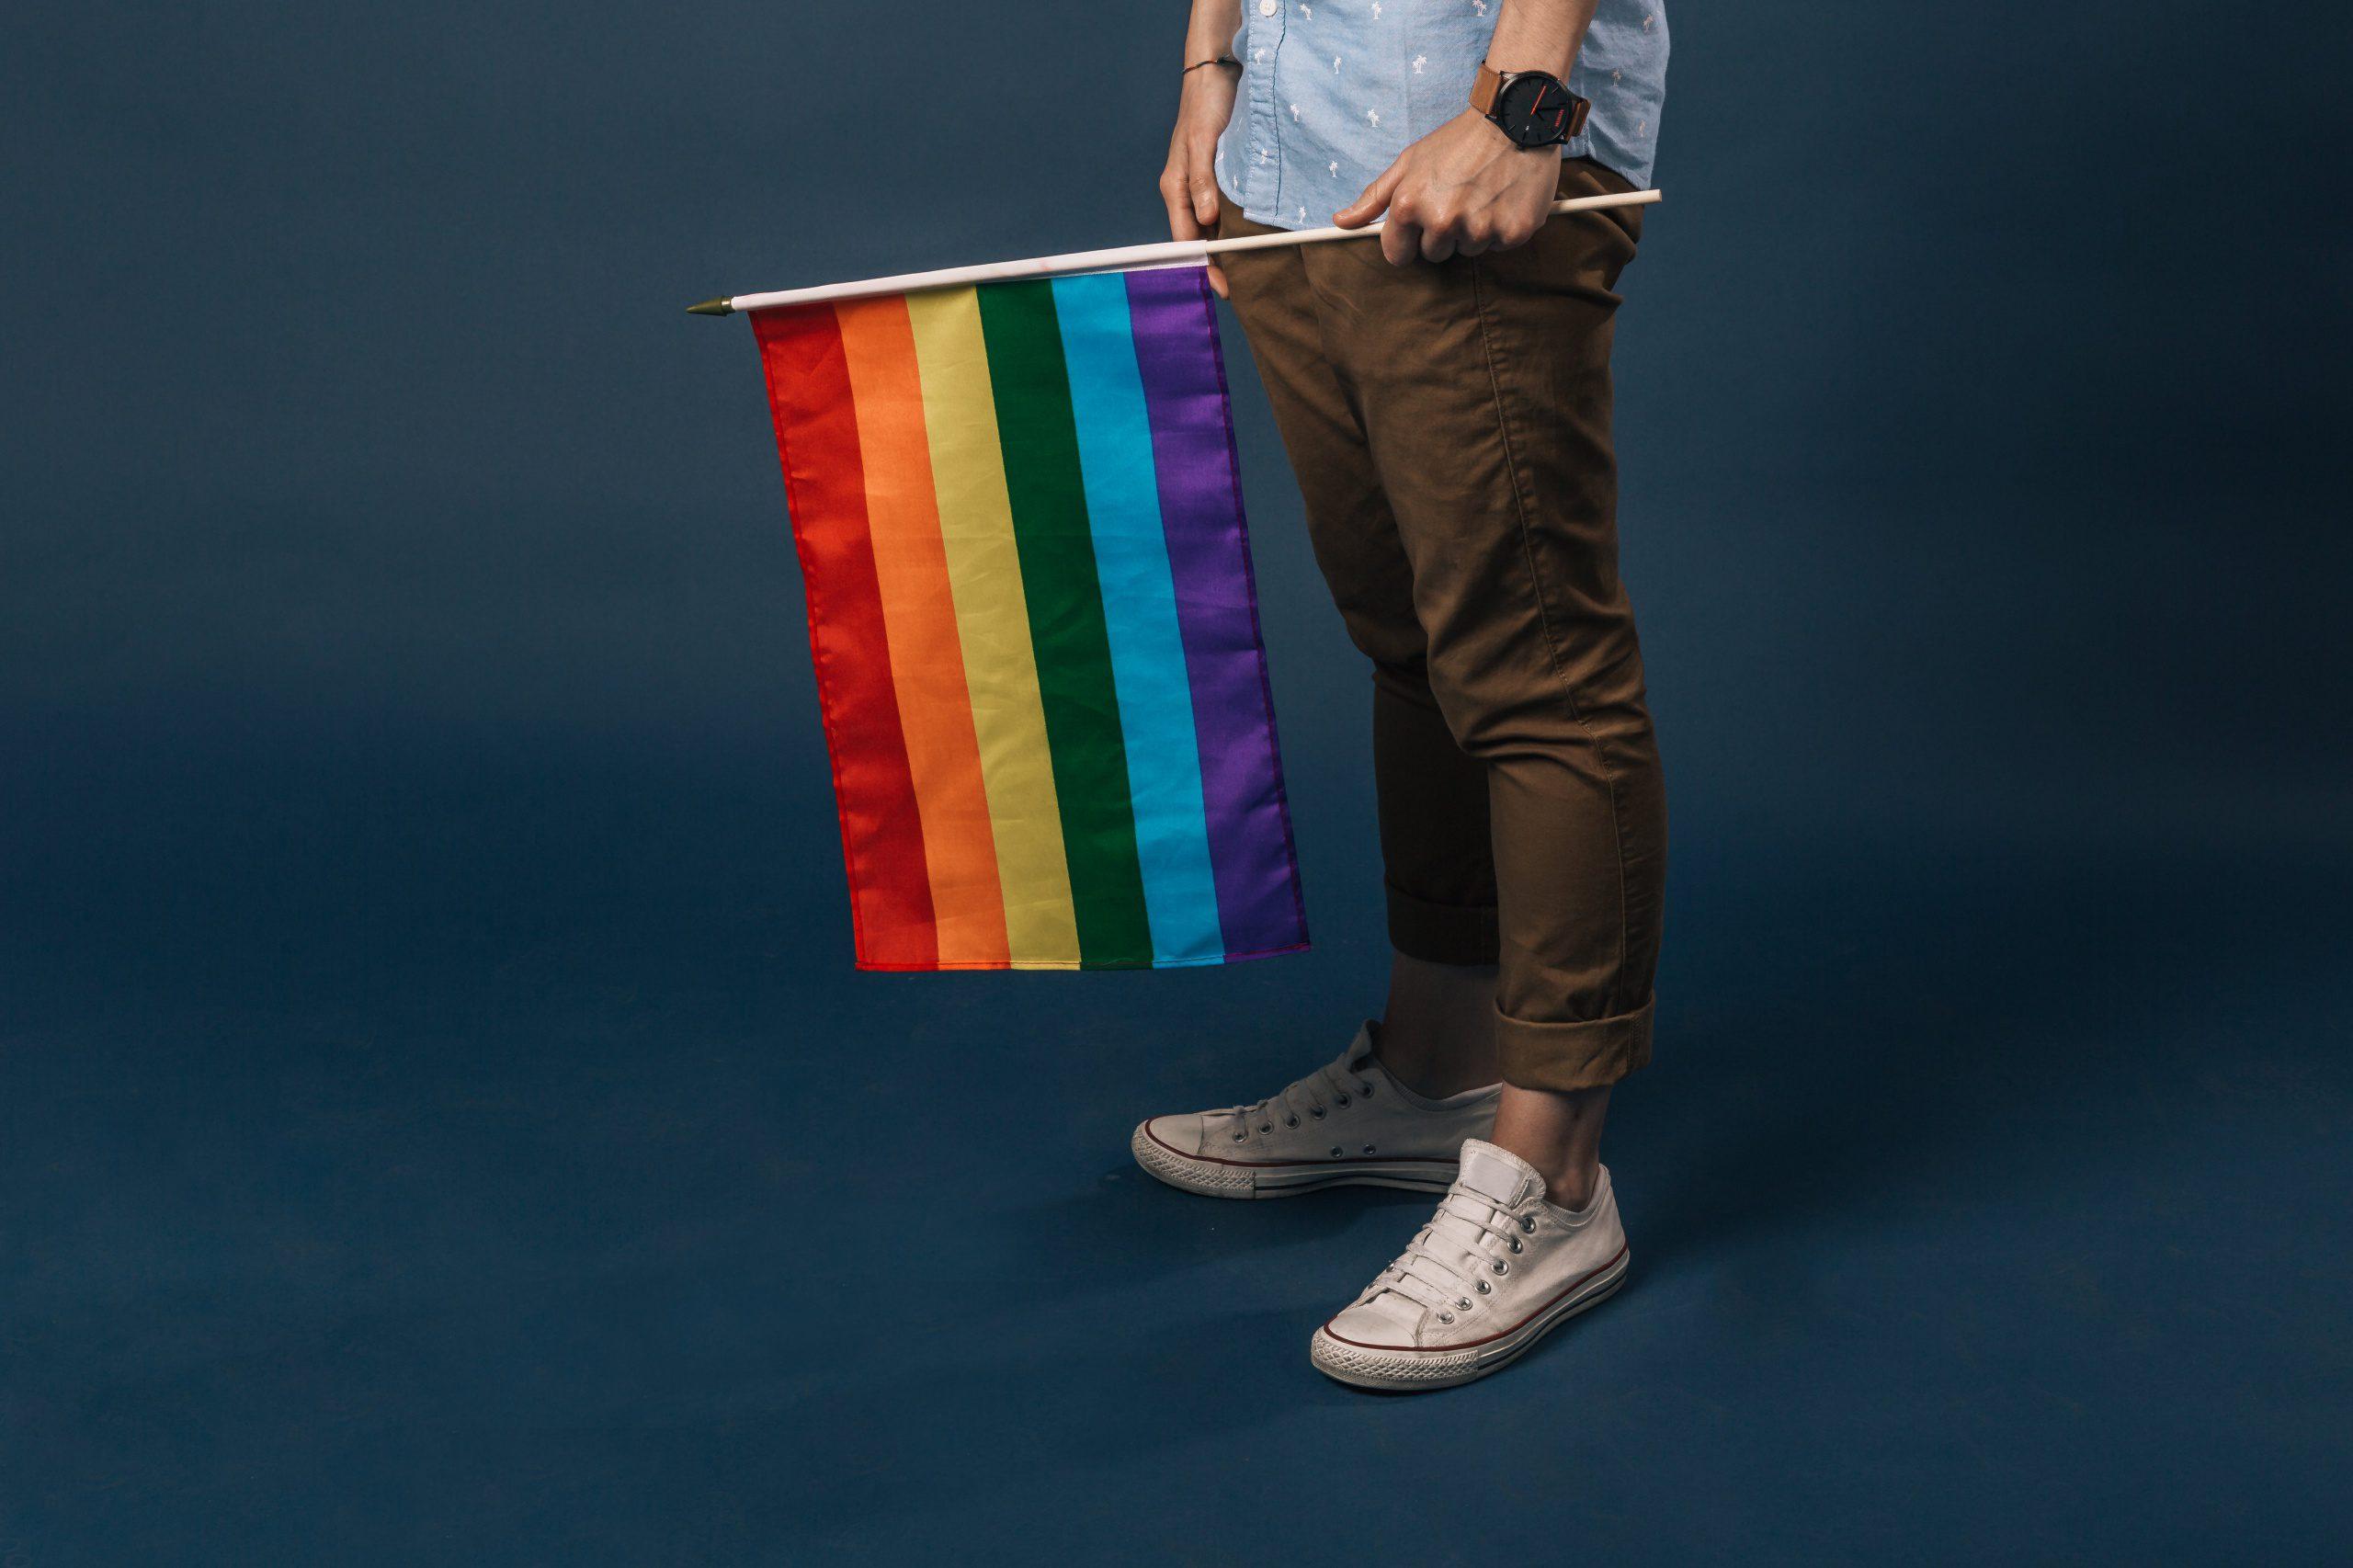 Rainbow flag being held